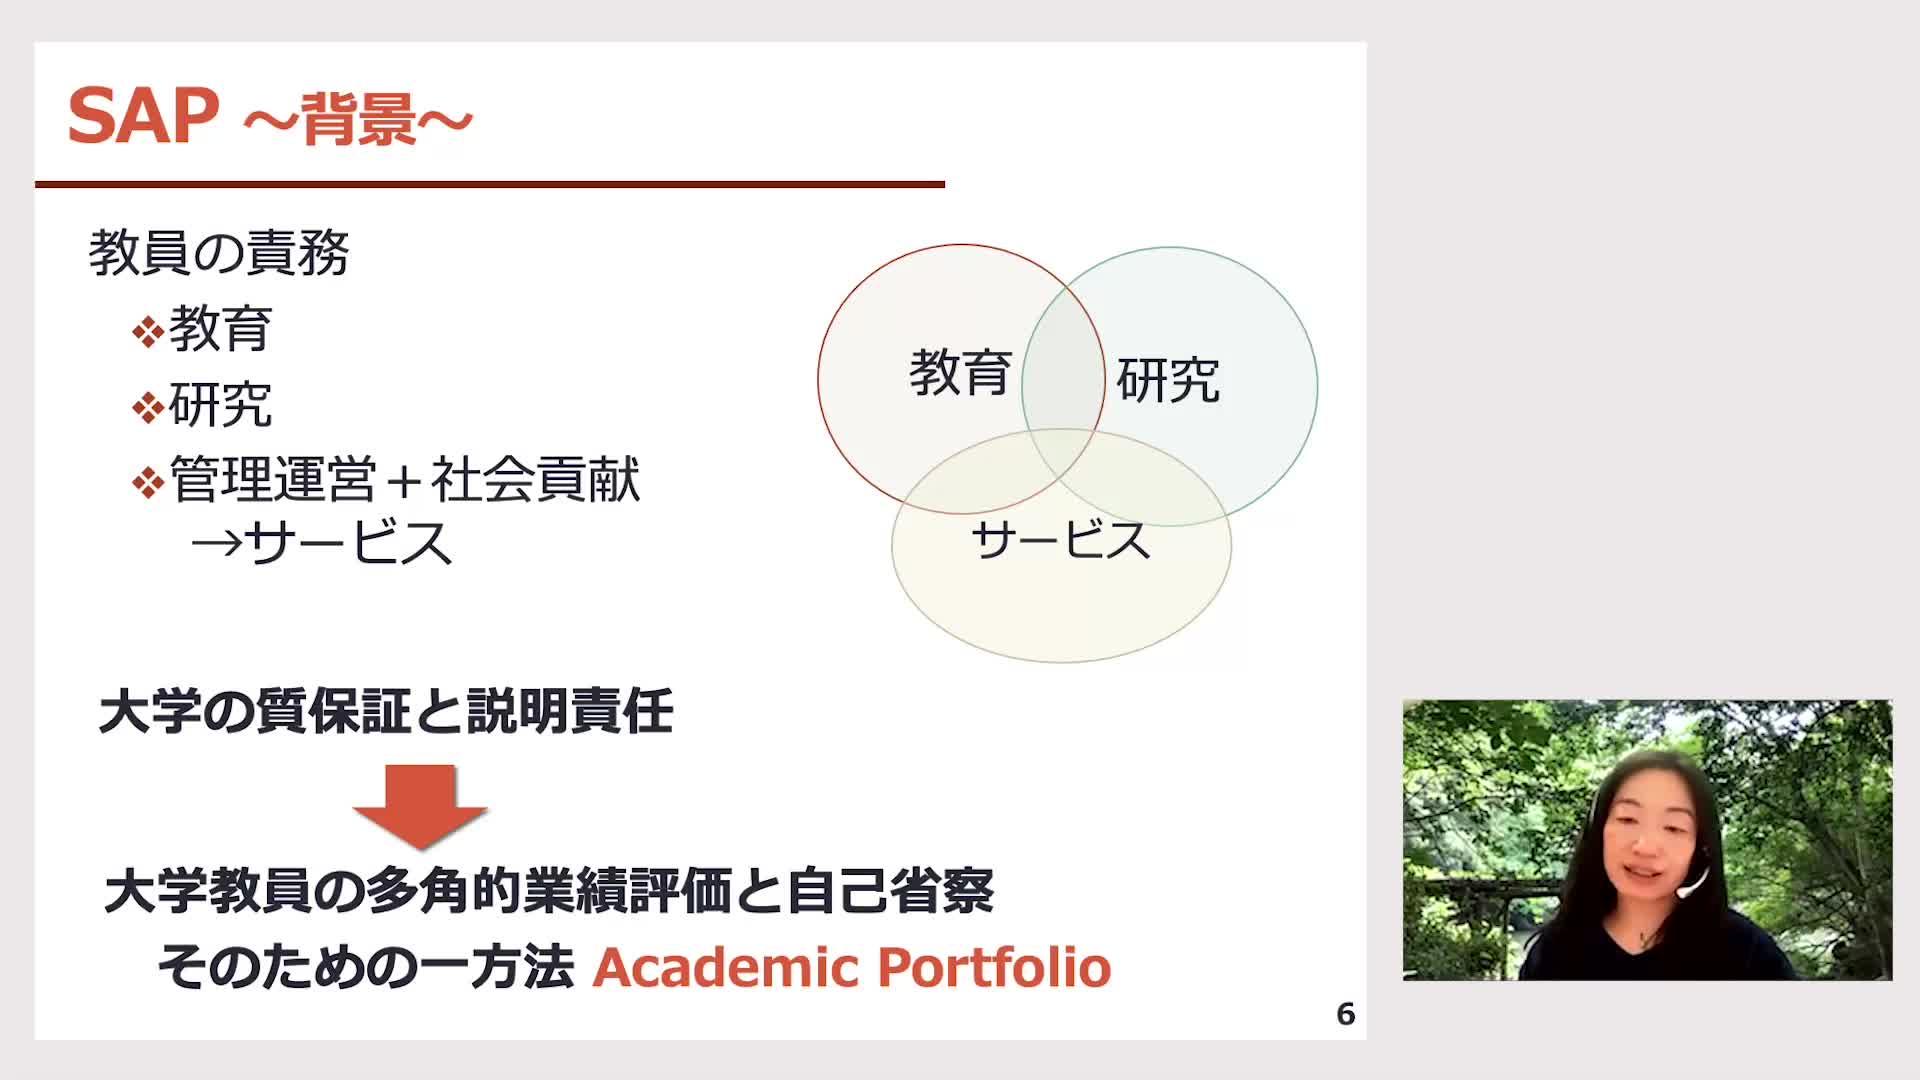 SAPチャート作成によるキャリアパス展望